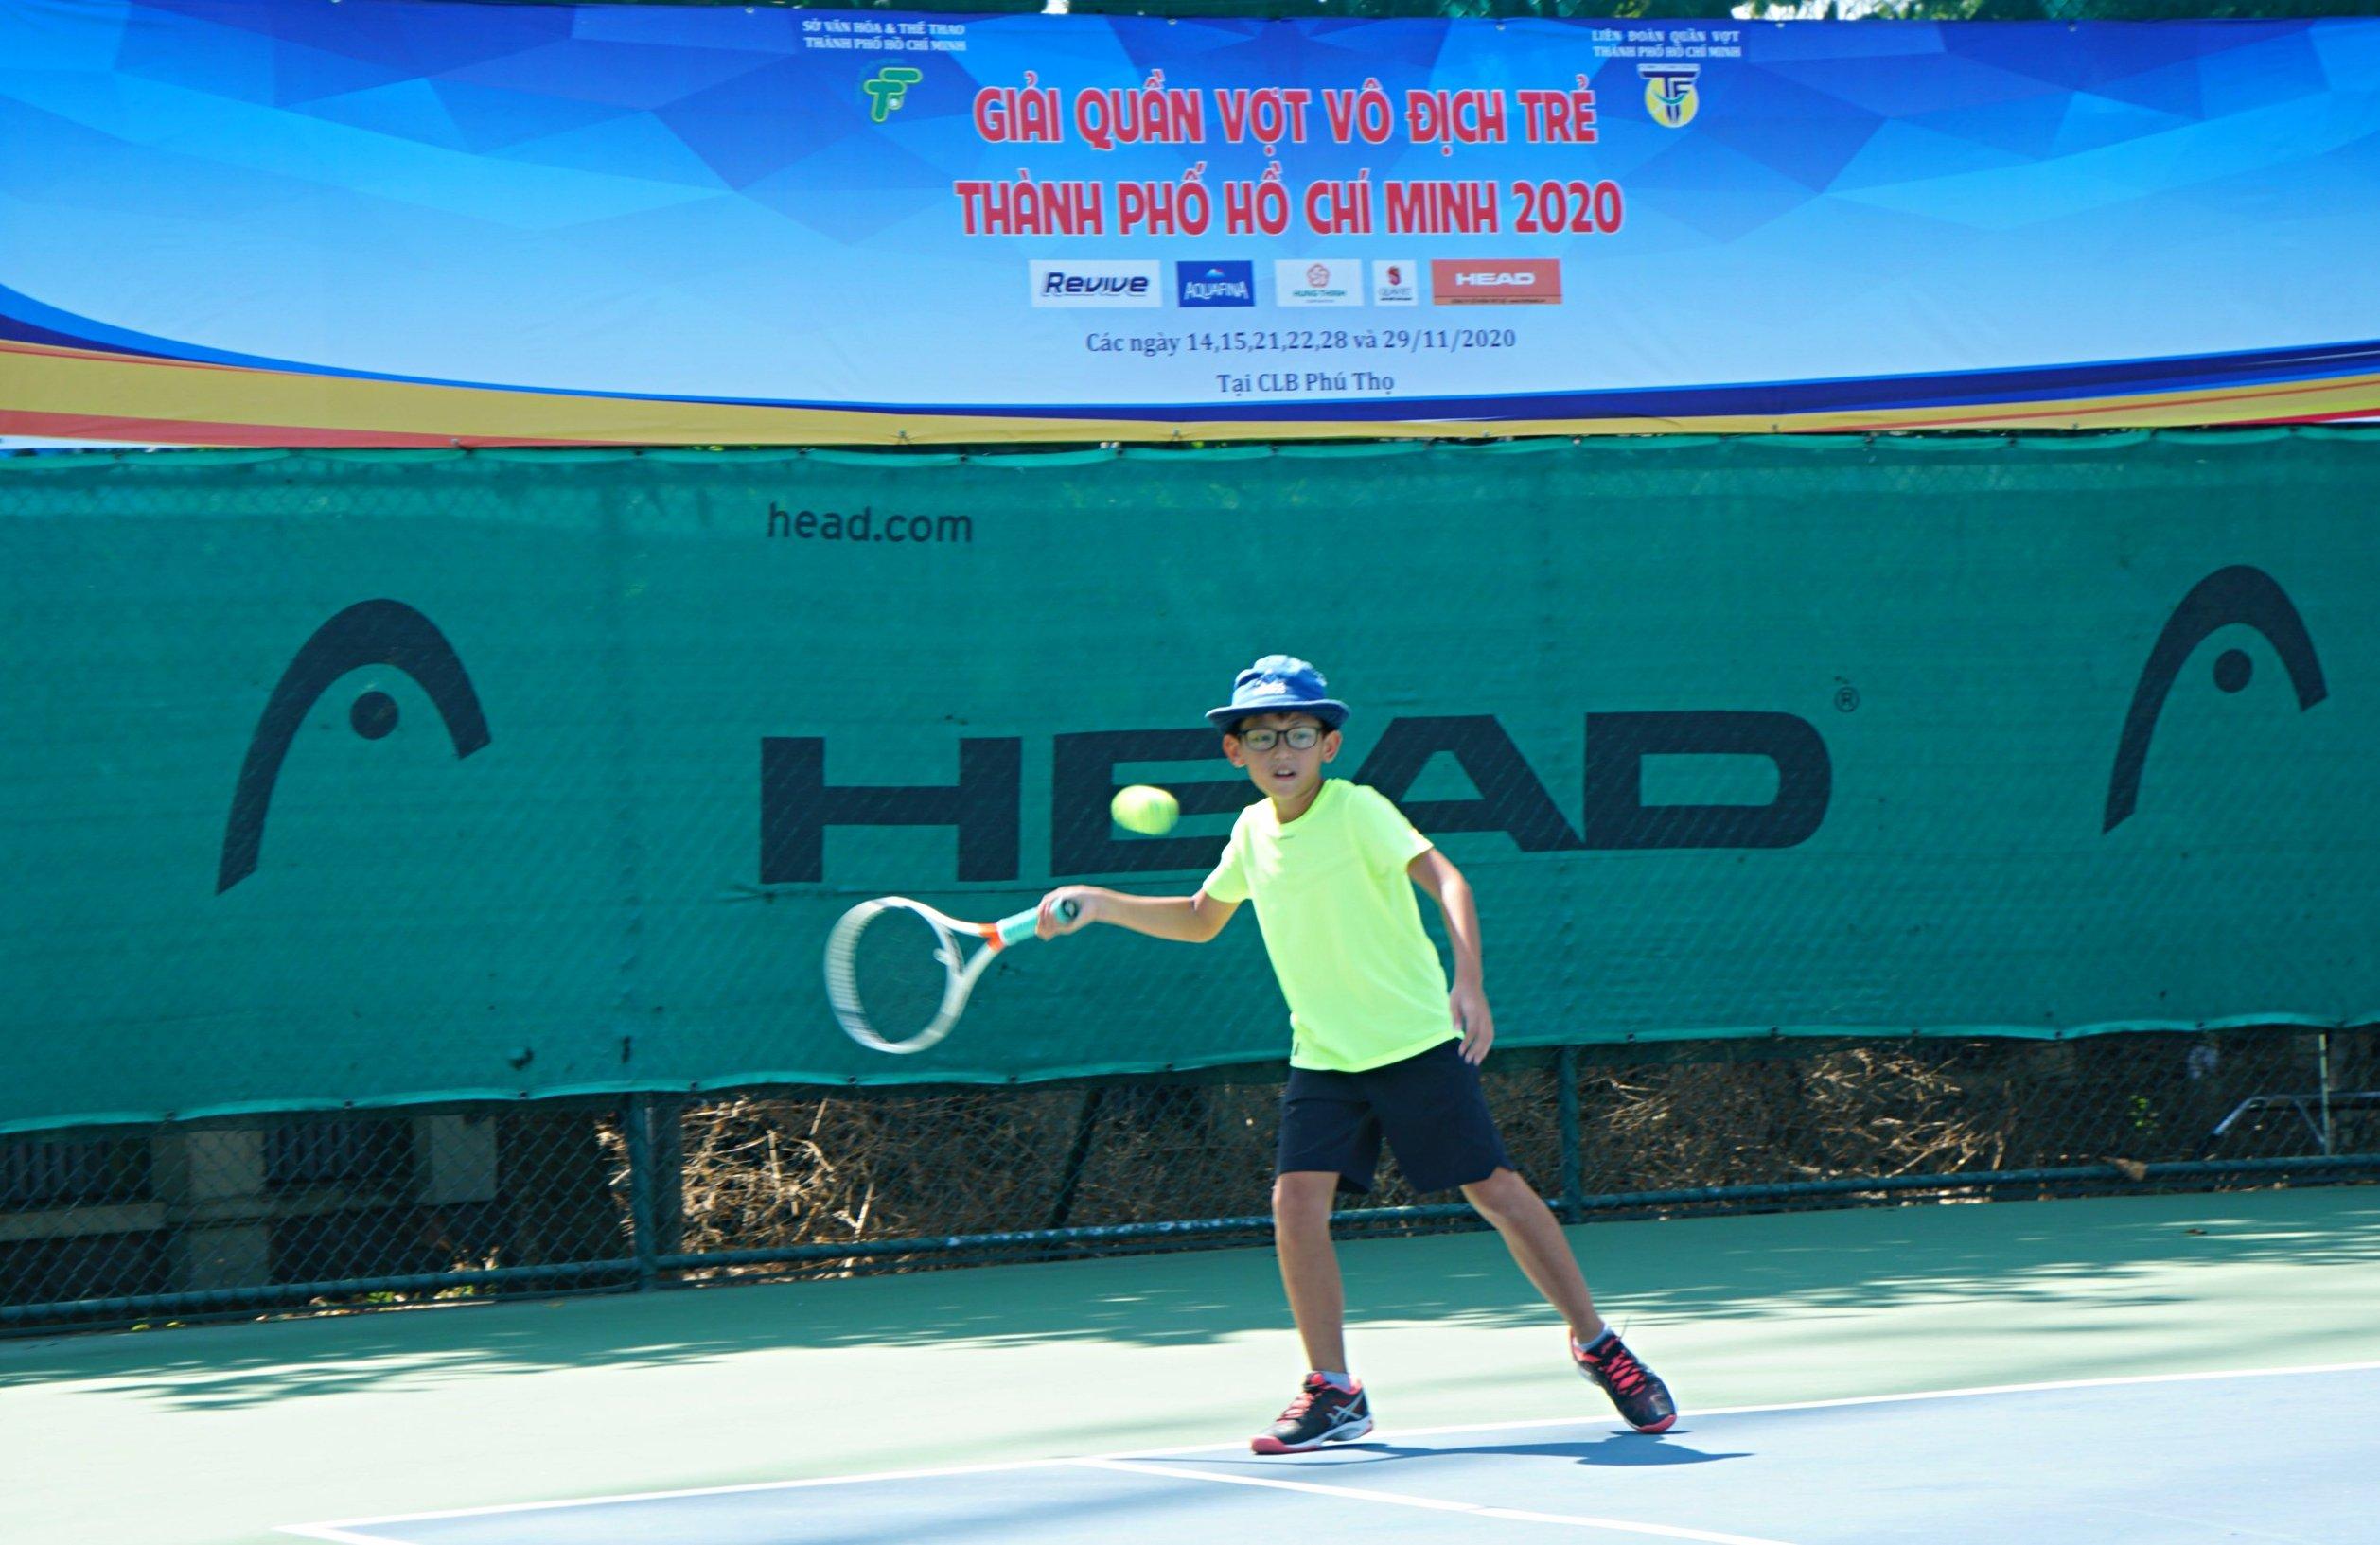 Hình ảnh: Khởi tranh giải quần vợt vô địch trẻ TP.HCM 2020 số 2